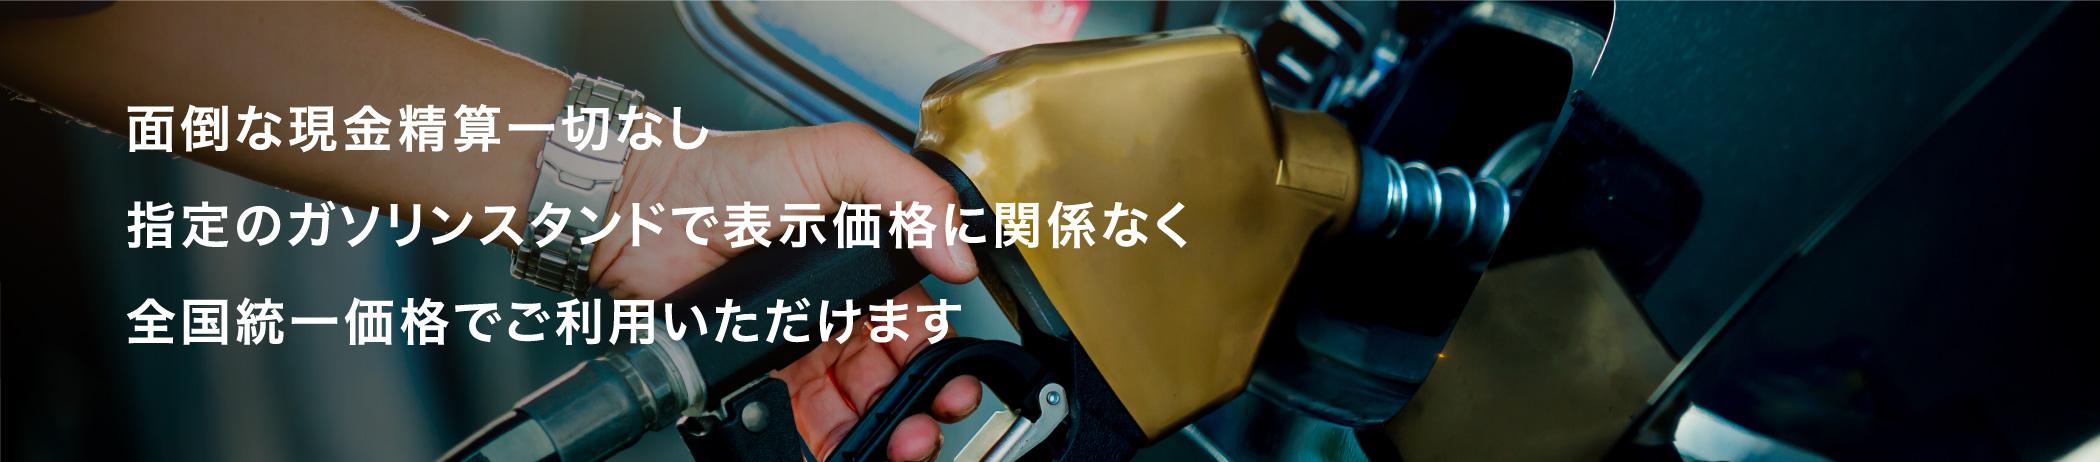 面倒な現金精算一切なし指定のガソリンスタンドで表示価格に関係なく全国統一価格でご利用いただけます